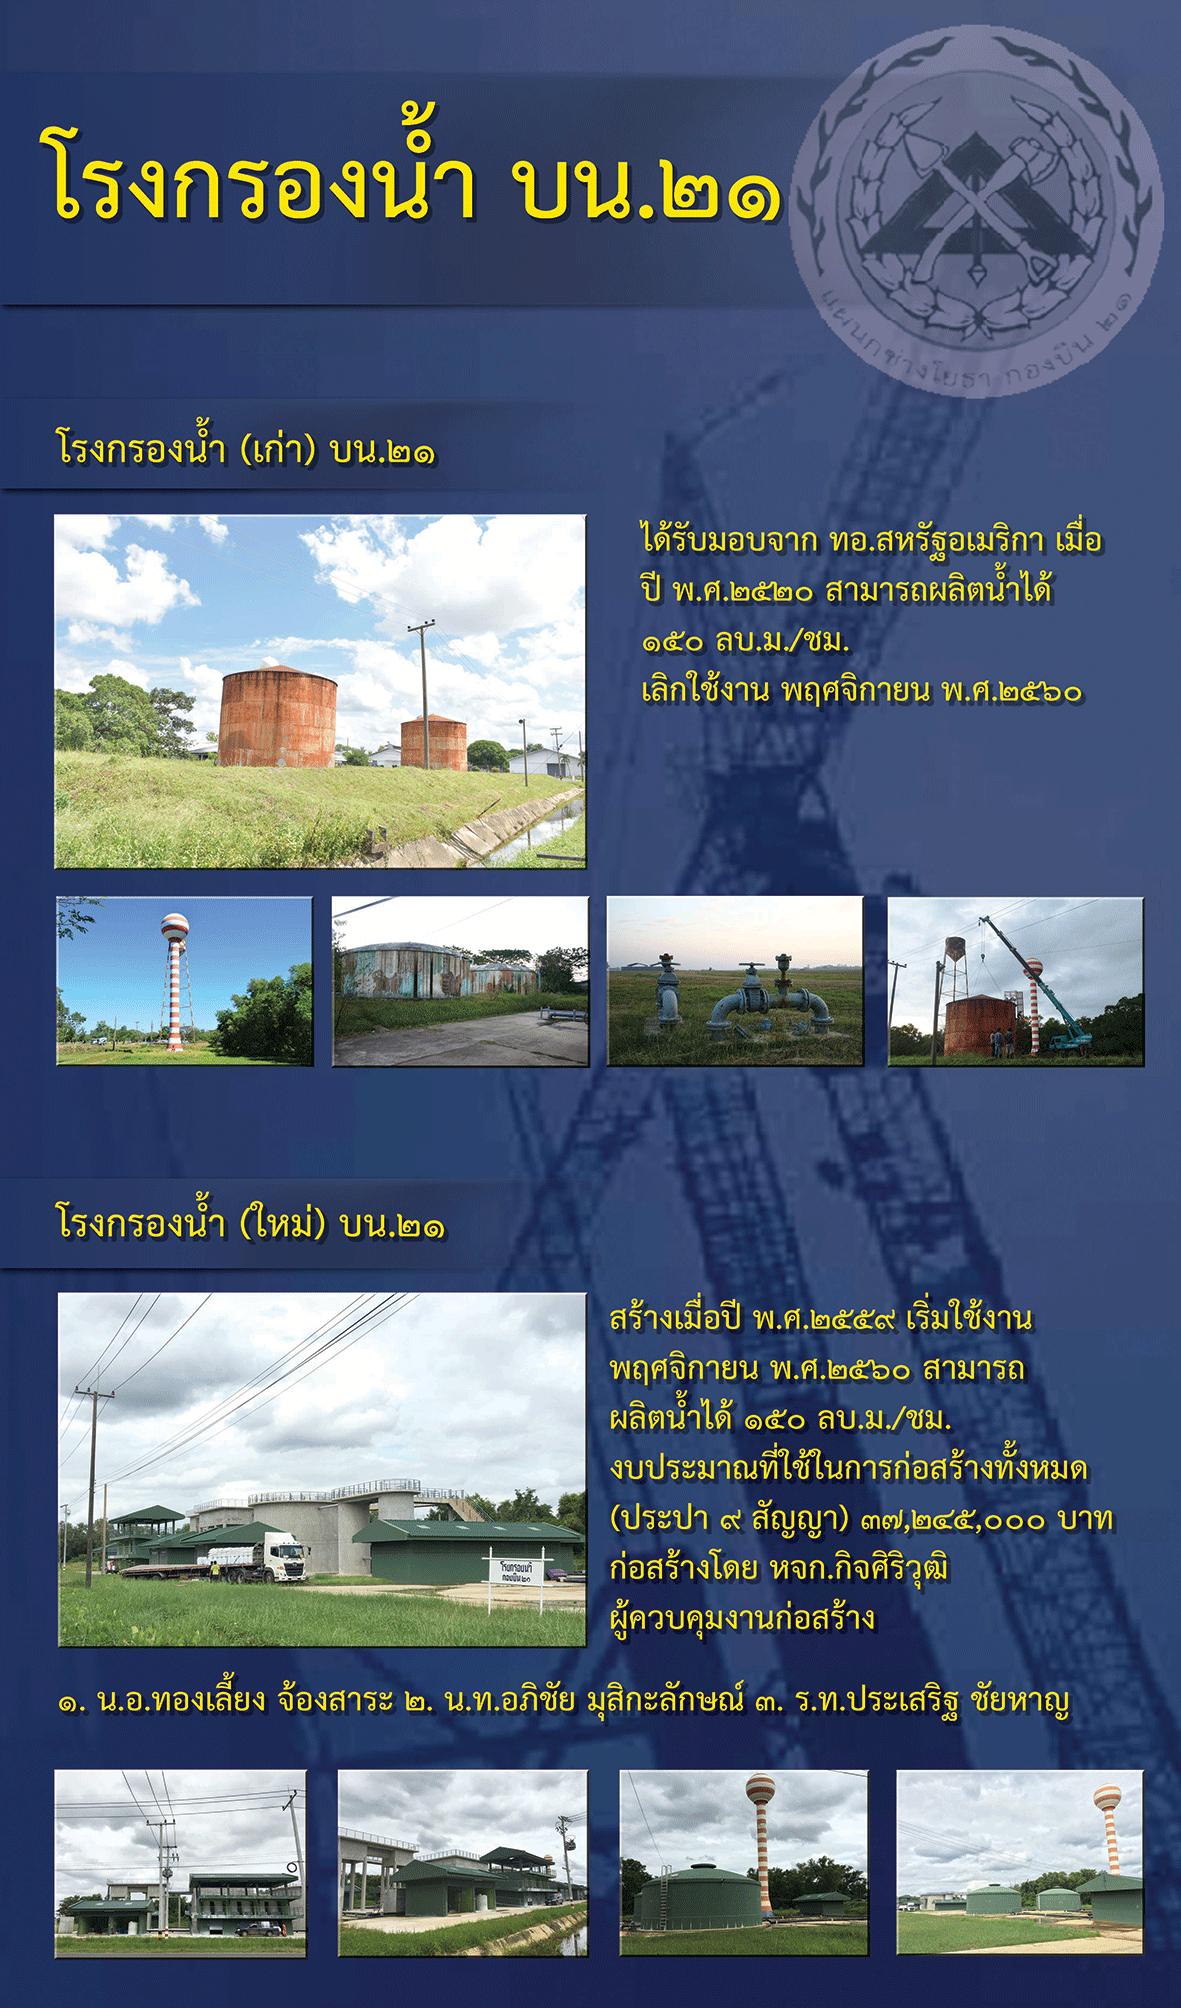 โรงกรองน้ำ กองบิน 21